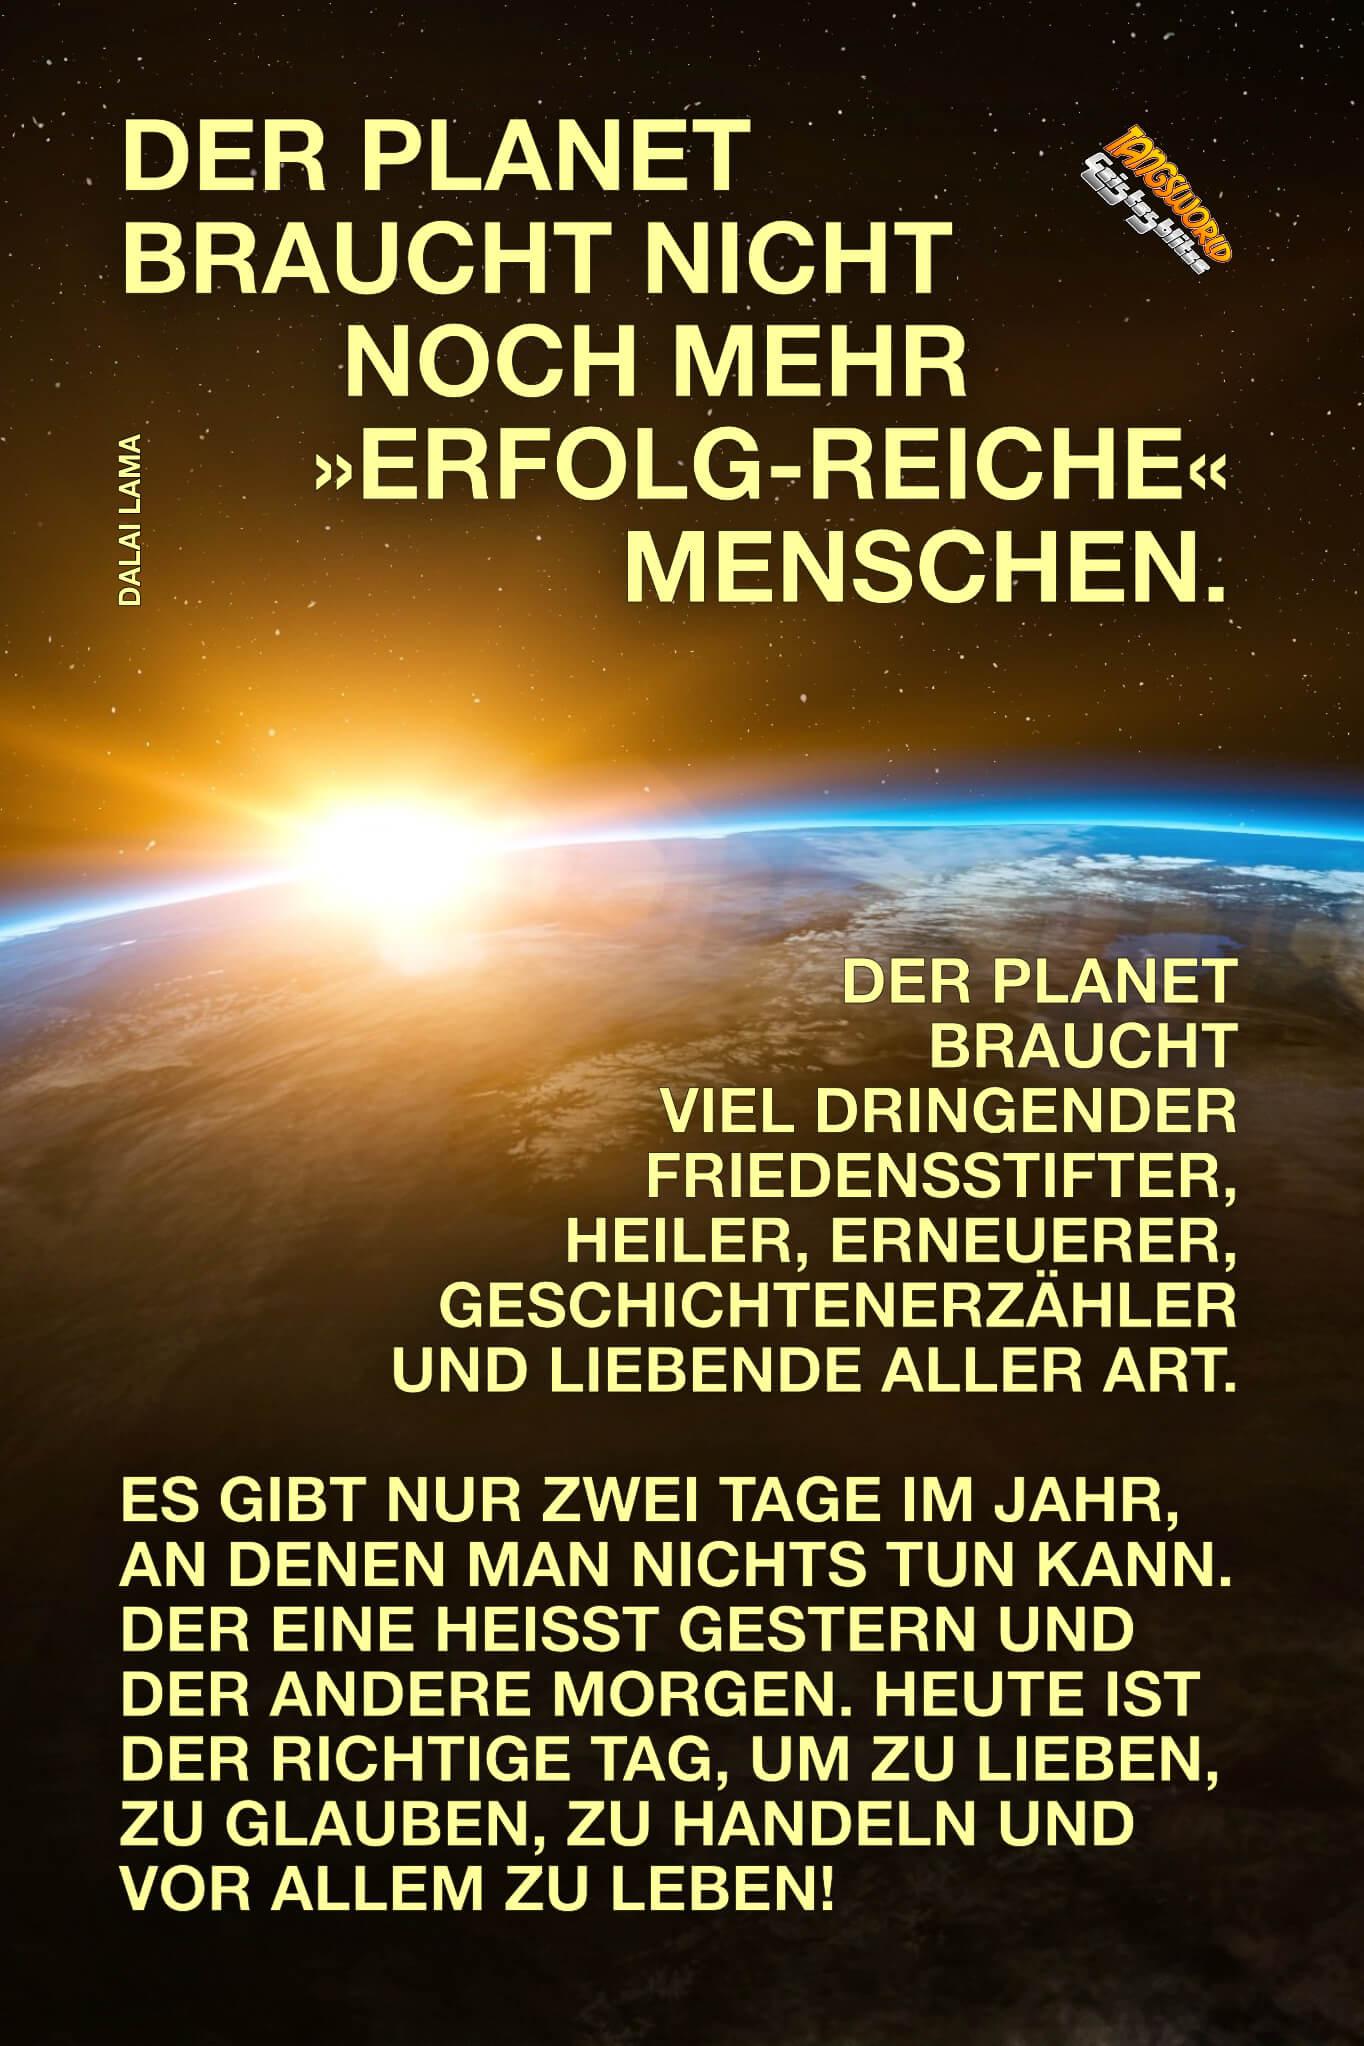 Der Planet braucht nicht noch mehr »erfolg-reiche« Menschen. Der Planet braucht viel dringender Friedensstifter, Heiler, Erneuerer, Geschichtenerzähler und Liebende aller Art. - Es gibt nur zwei Tage im Jahr, an denen man nichts tun kann. Der eine heißt Gestern und der andere Morgen. Heute ist der richtige Tag, um zu lieben, zu glauben, zu handeln und vor allem zu leben! - Geistesblitze   Dalai Lama